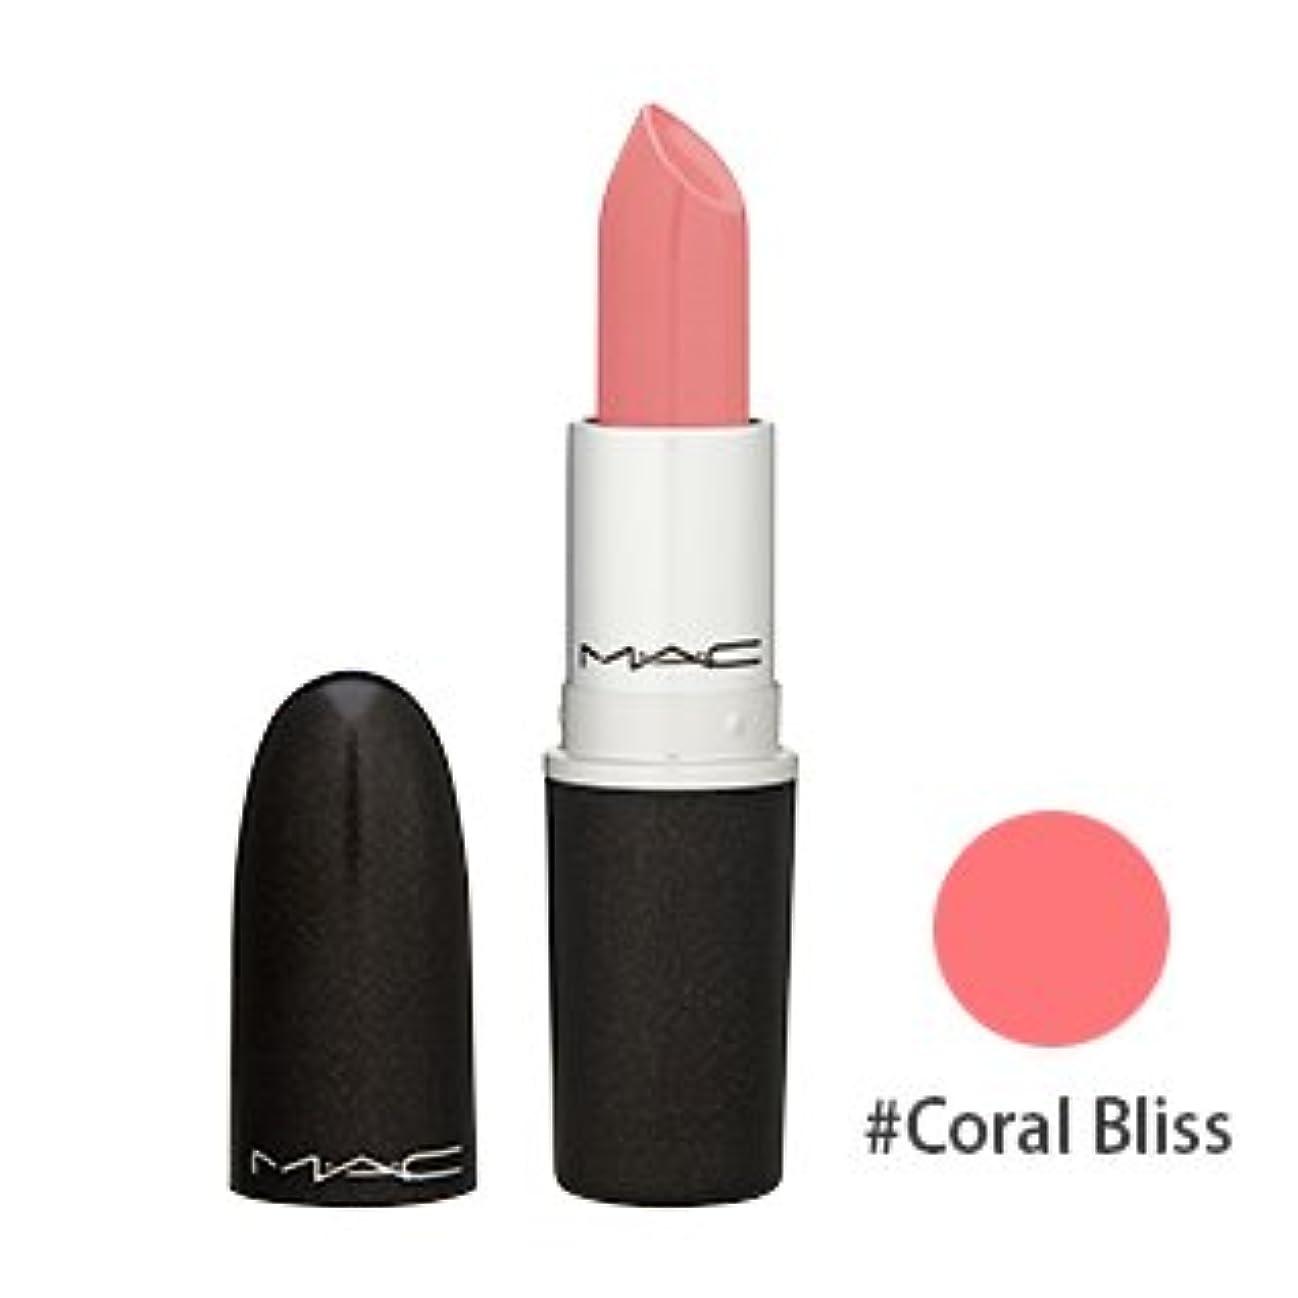 知り合いになる回復する頼むマック(M?A?C(MAC)) リップスティック #Coral Bliss(コーラルピンク)[クリームシーン] 3g [海外直送品] [並行輸入品]